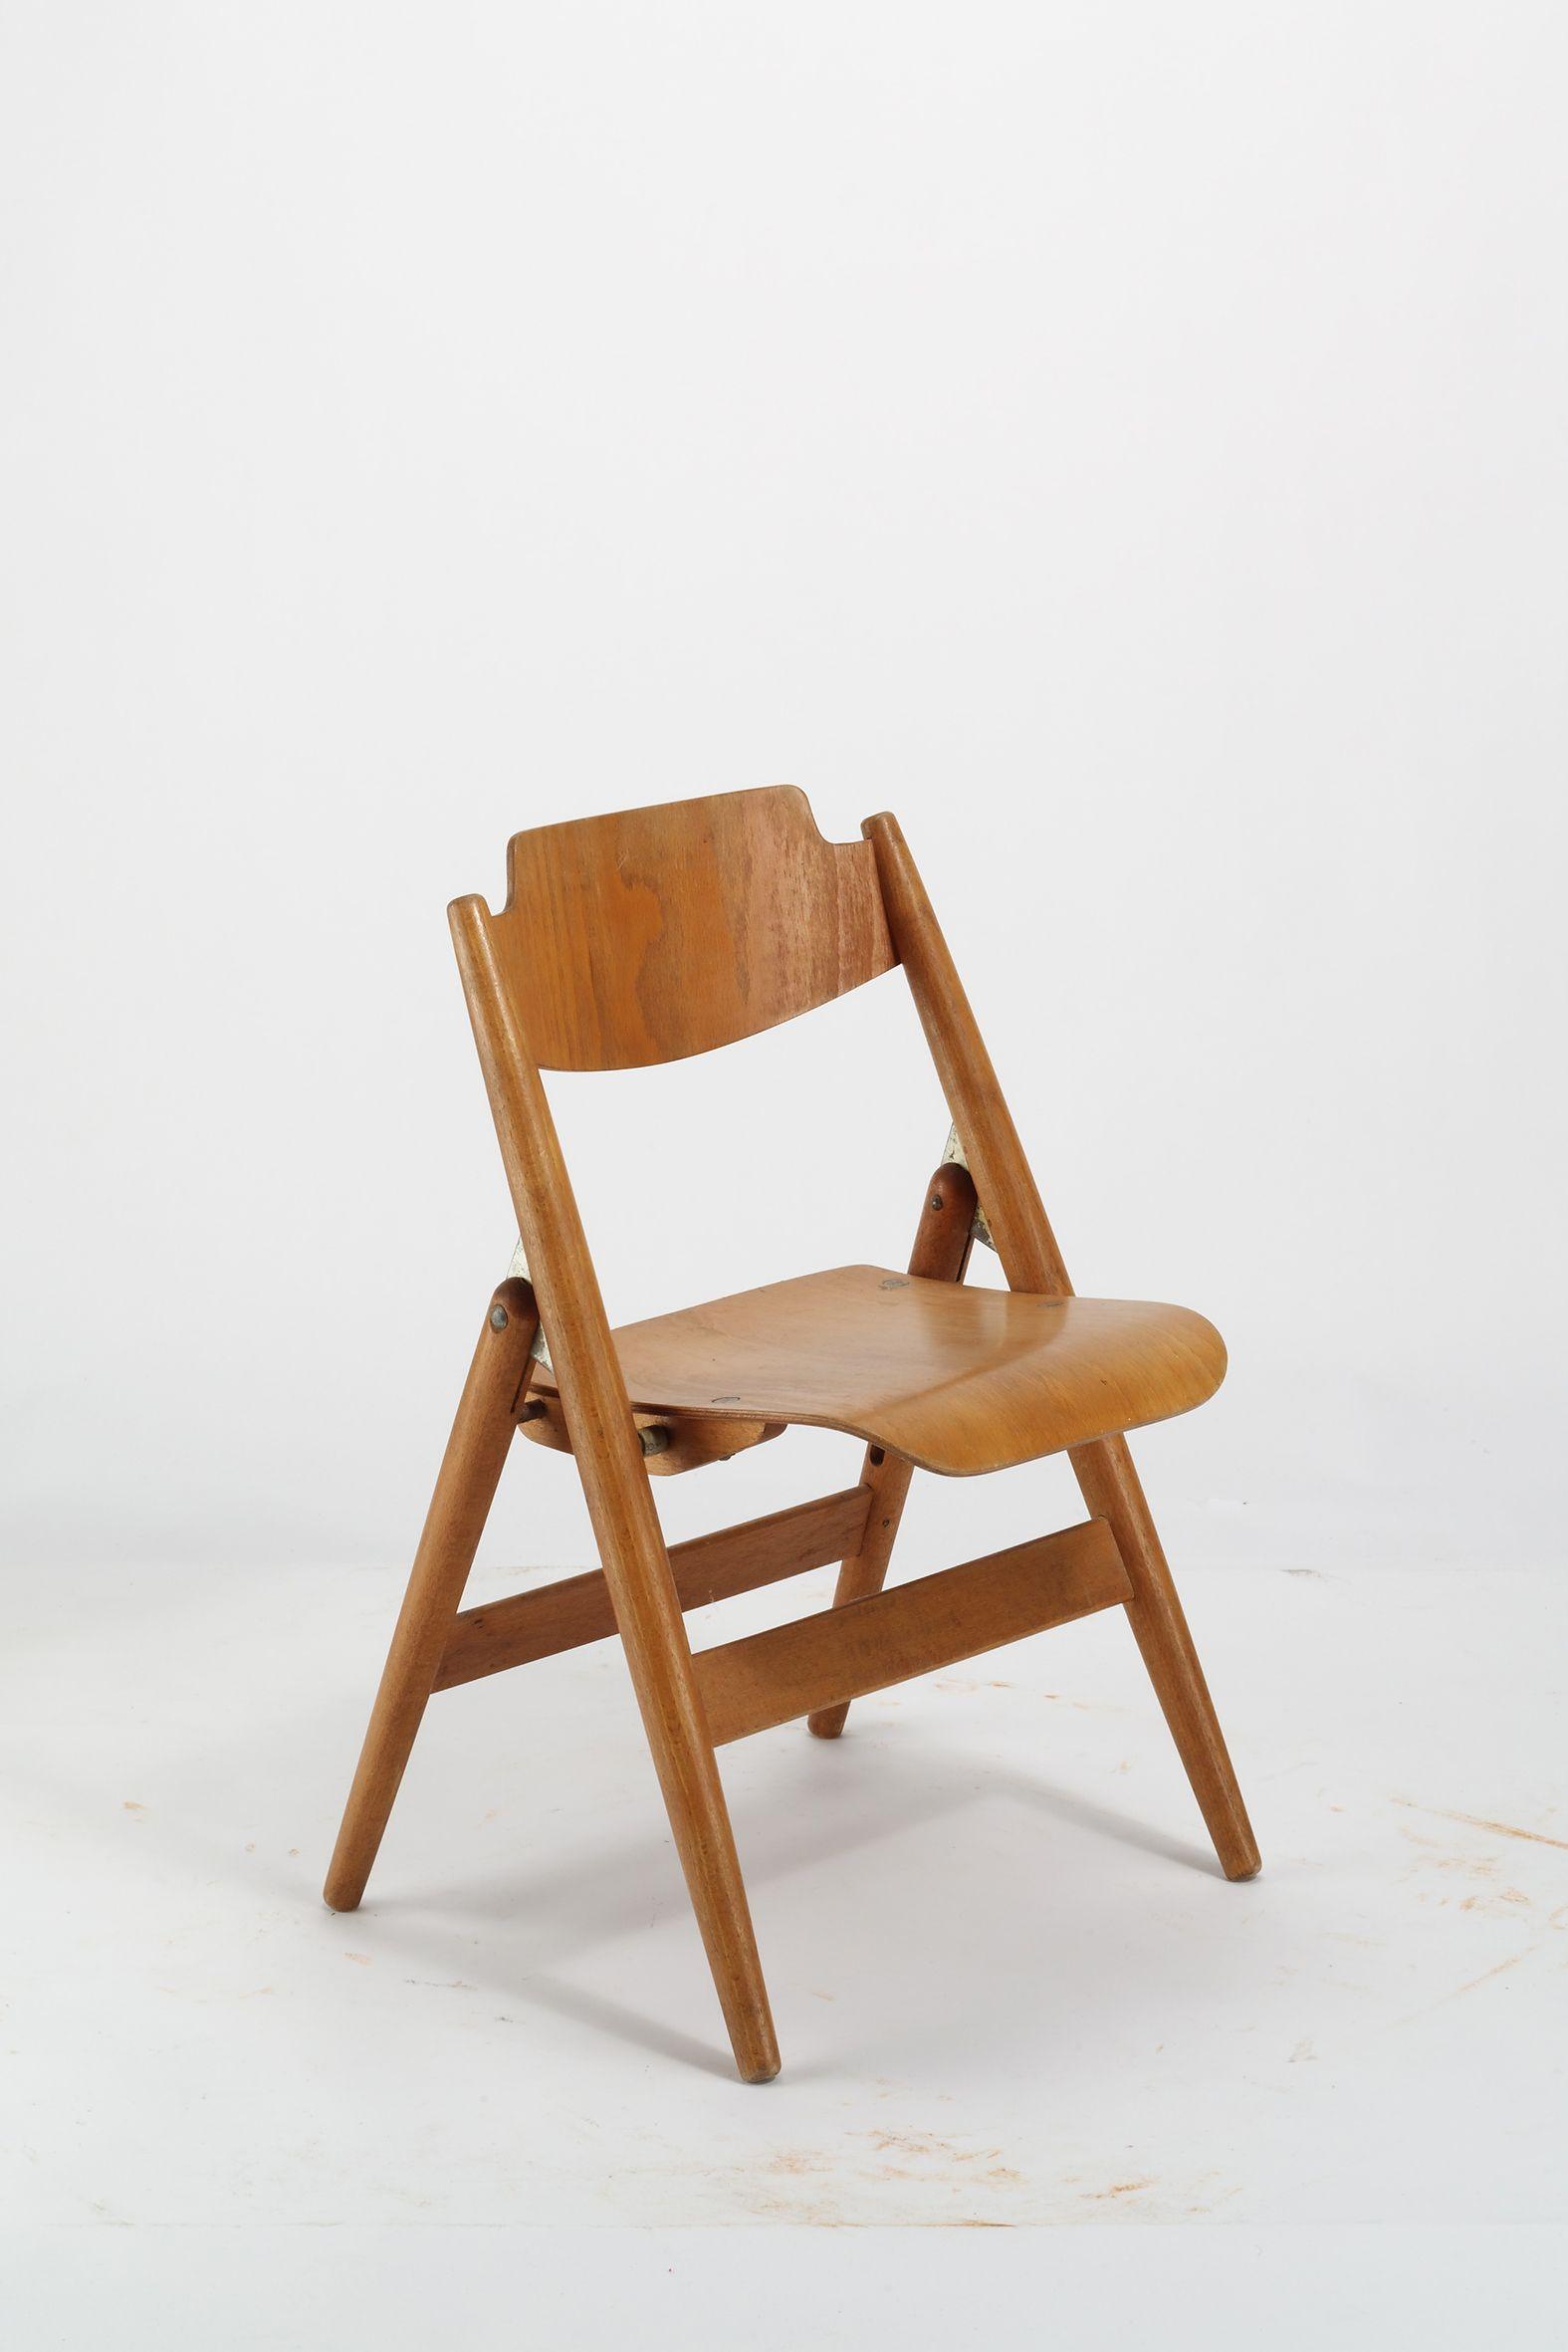 egon eiermann kinderstuhl se 76 1953 produktdesign pinterest st hle m bel und egon. Black Bedroom Furniture Sets. Home Design Ideas